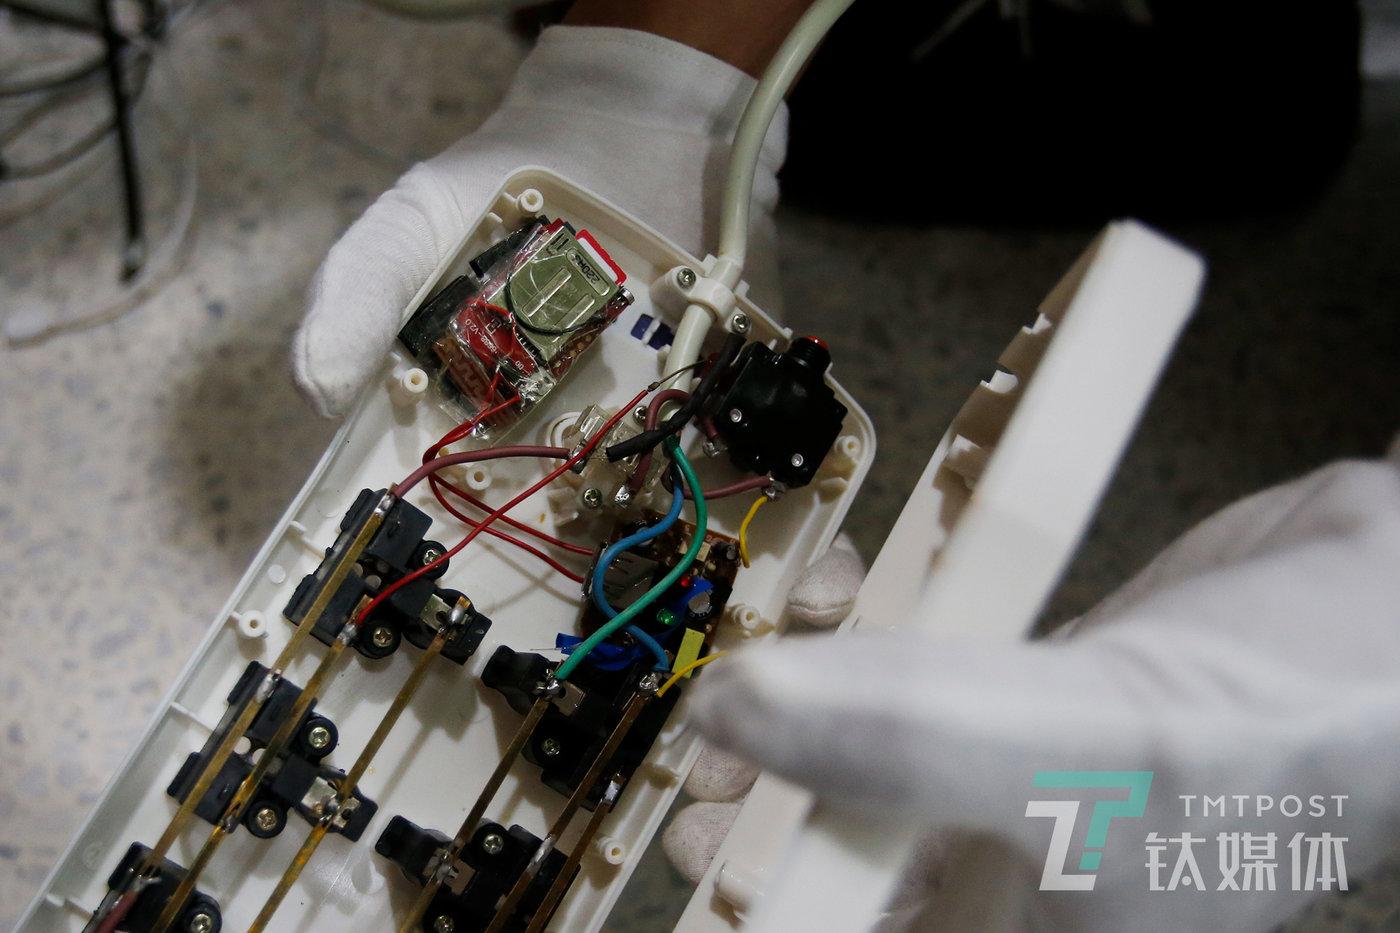 一个安装在插线板中的插卡式窃听器(左上),窃听器内有一个电话卡,它的工作原理跟手机类似,窃听者想要窃听的时候,需要拨通这个电话。